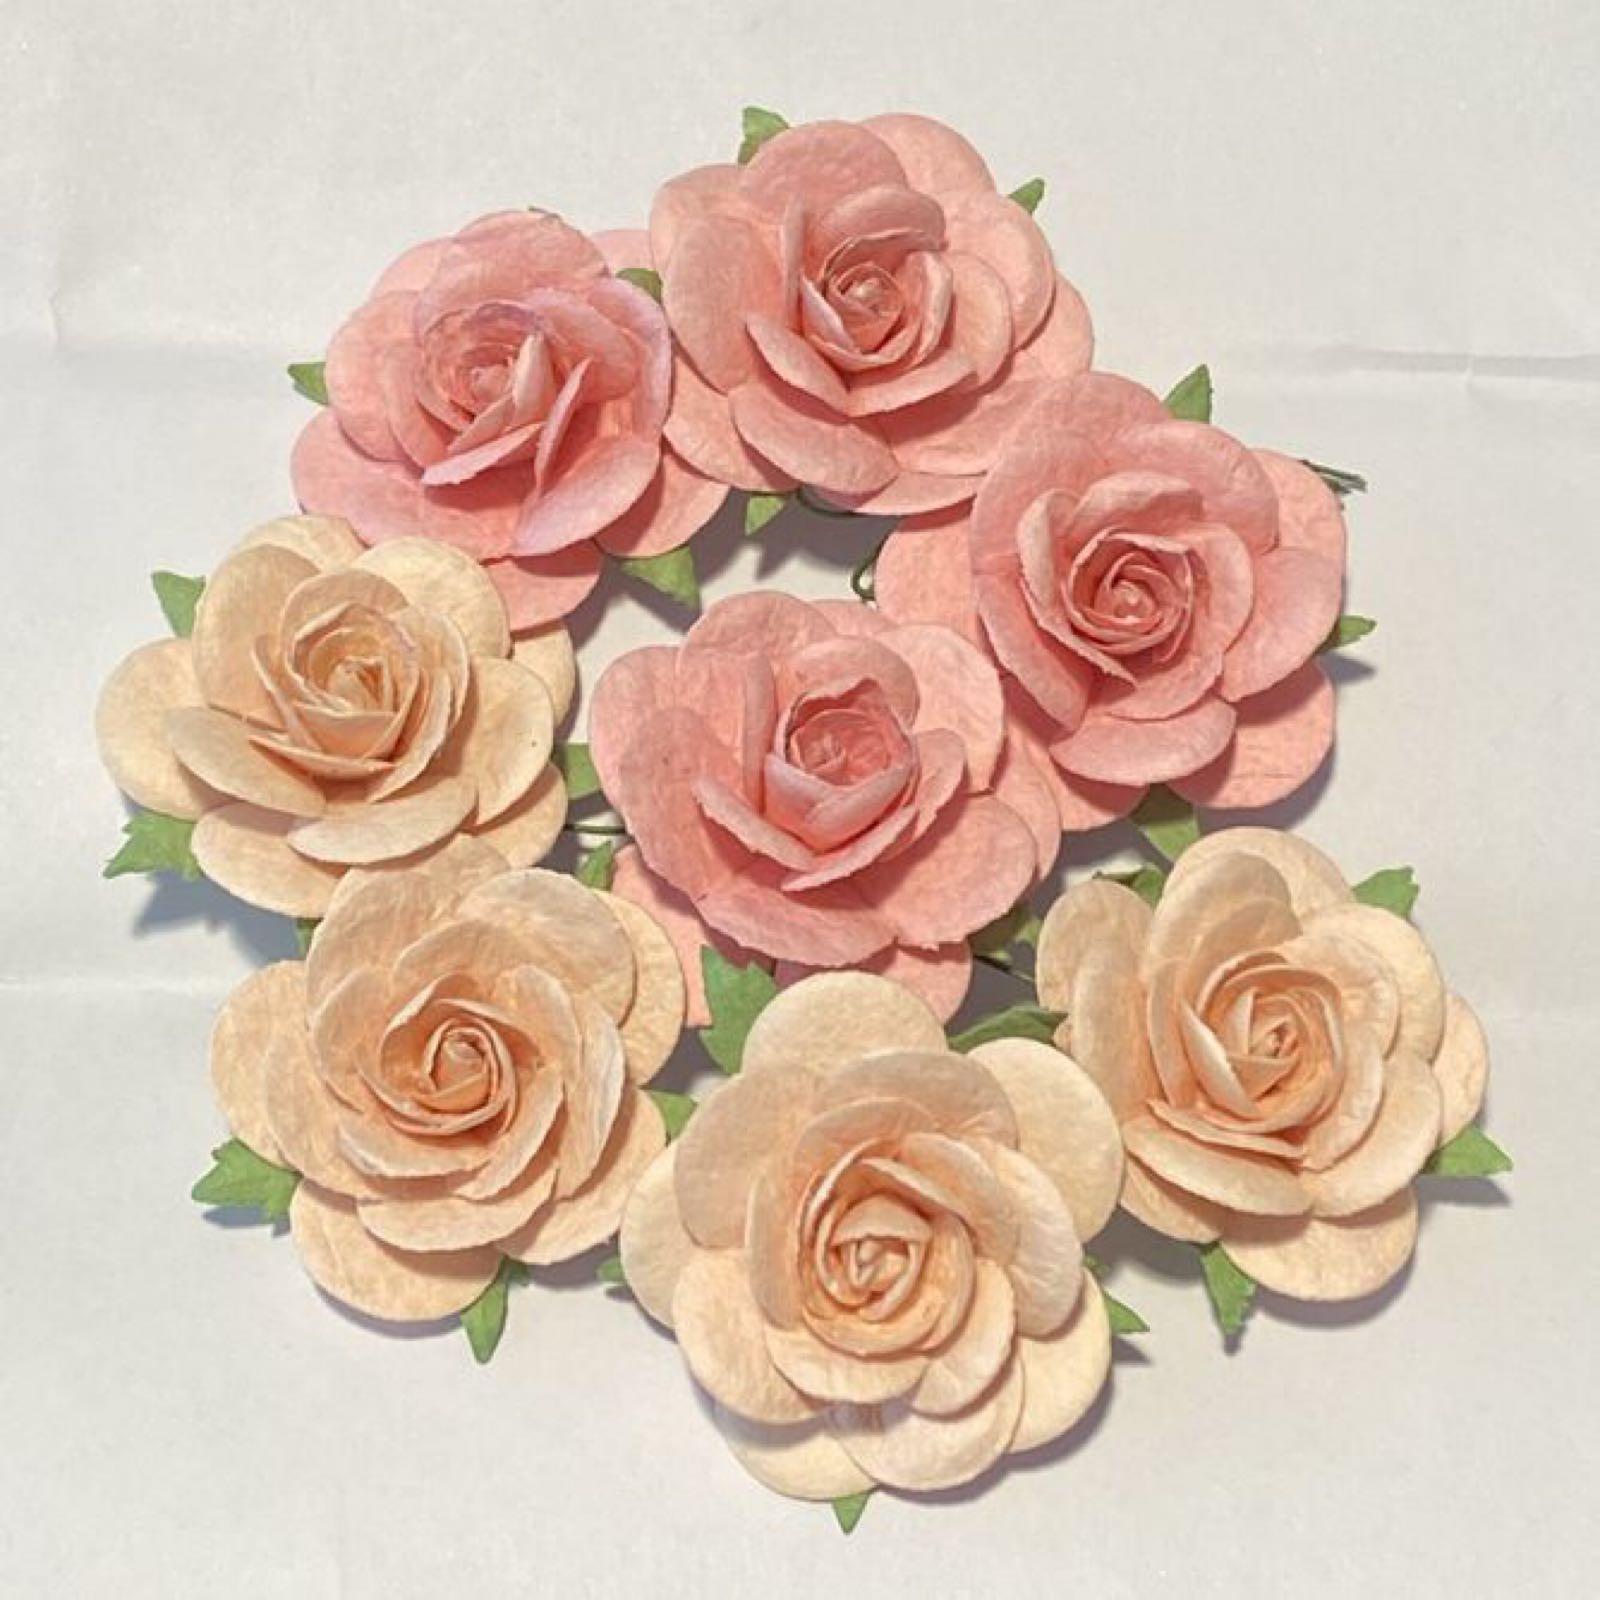 Papirdesign blomster, lyse-rosa/rosa, 3,5cm